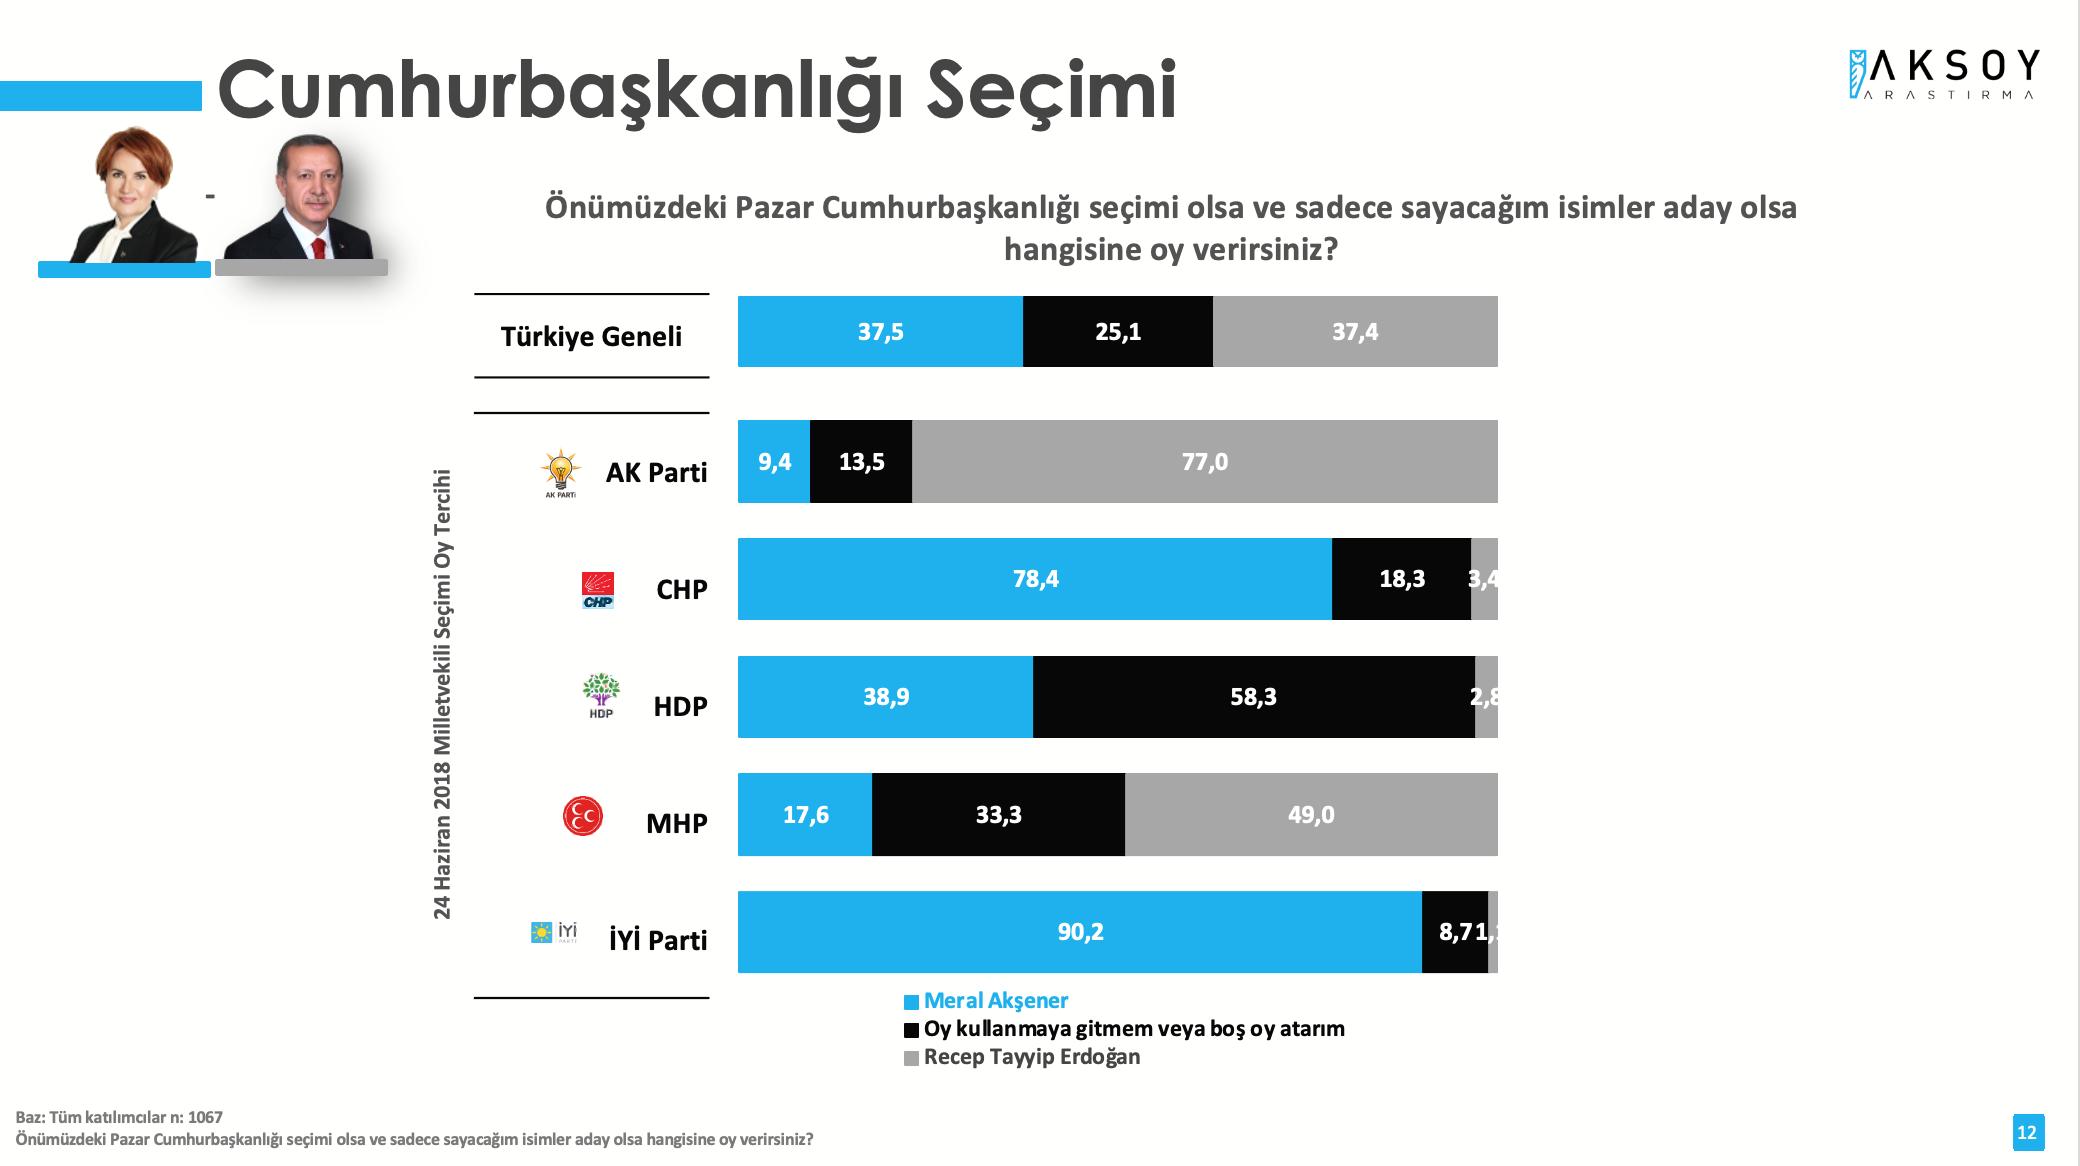 <p>Araştırmada, en çarpıcı sonuçlardan bir tanesi de İYİ Parti Genel Başkanı Meral Akşener, Cumhurbaşkanı Erdoğan'a karşı öne geçti. Akşener ve Erdoğan arasında gerçekleşecek olası bir seçimde araştırmaya katılanların yüzde 37,5'i tercihini Akşener'den yana kullanacağını söylerken; yüzde 37,4 Erdoğan'a oy vereceğini belirtti.&nbsp;</p>